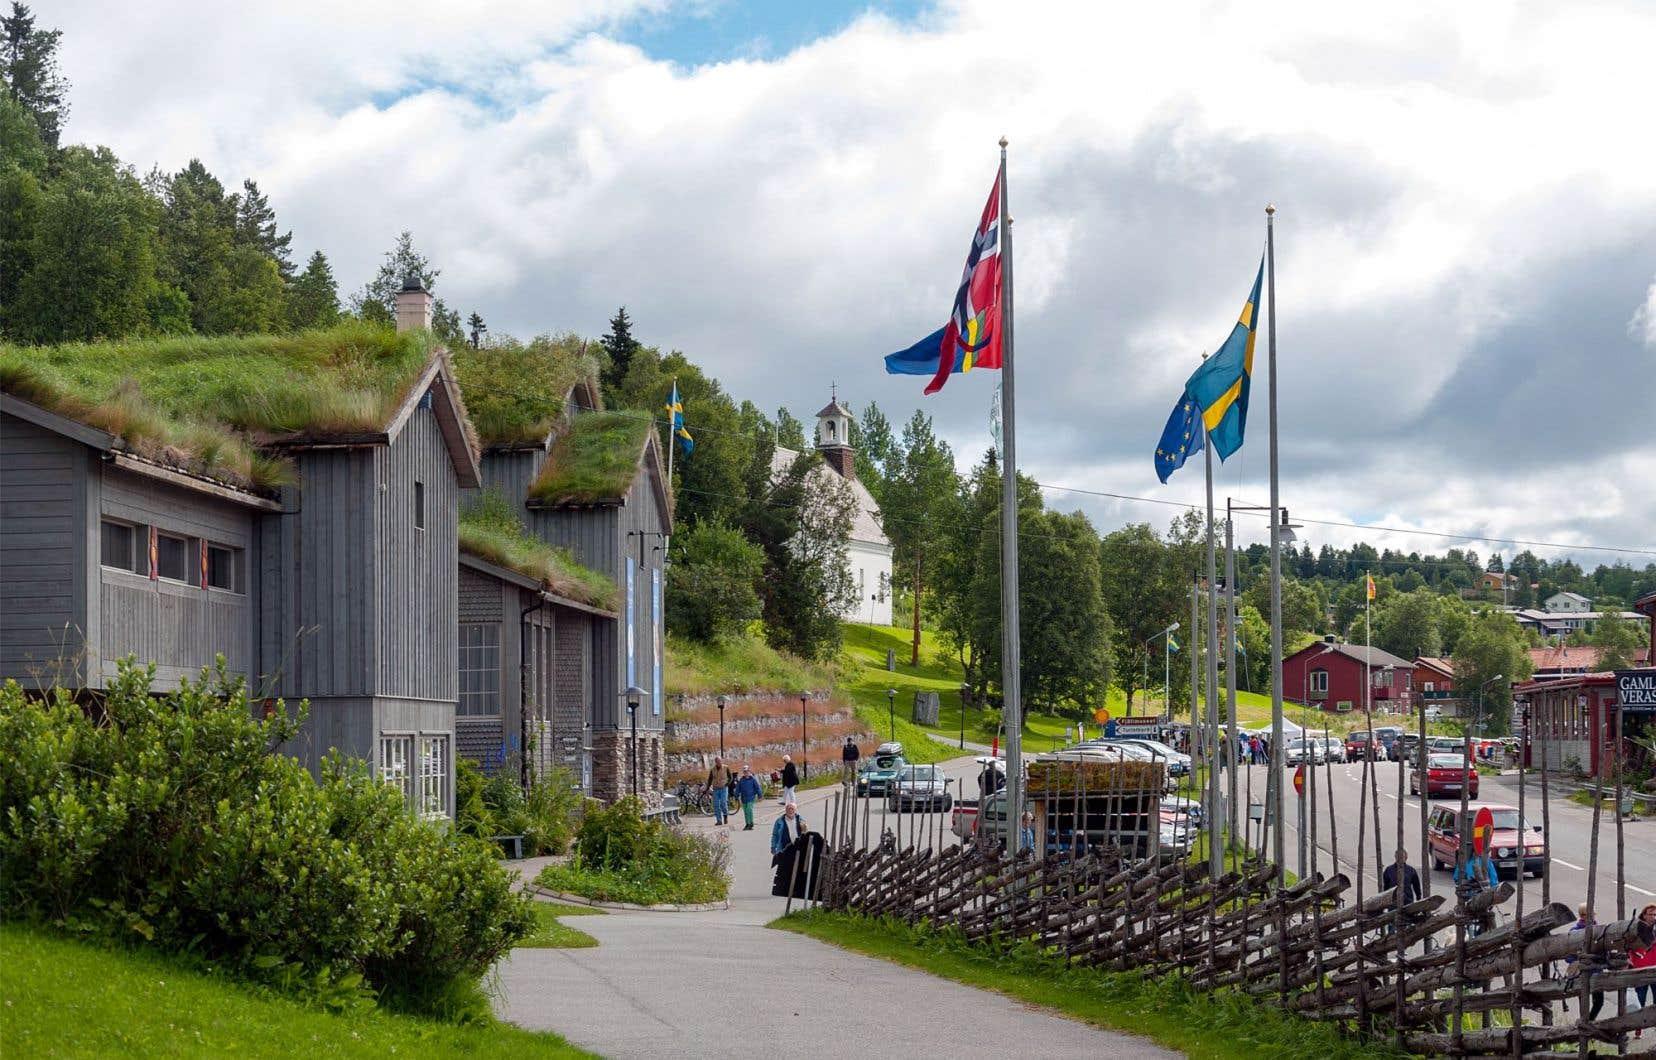 Située à quelque 600km au nord de Stockholm, la ville de Funäsdalen est encerclée par un vaste territoire qui sert de pâturage aux troupeaux de rennes du sud du Sápmi.